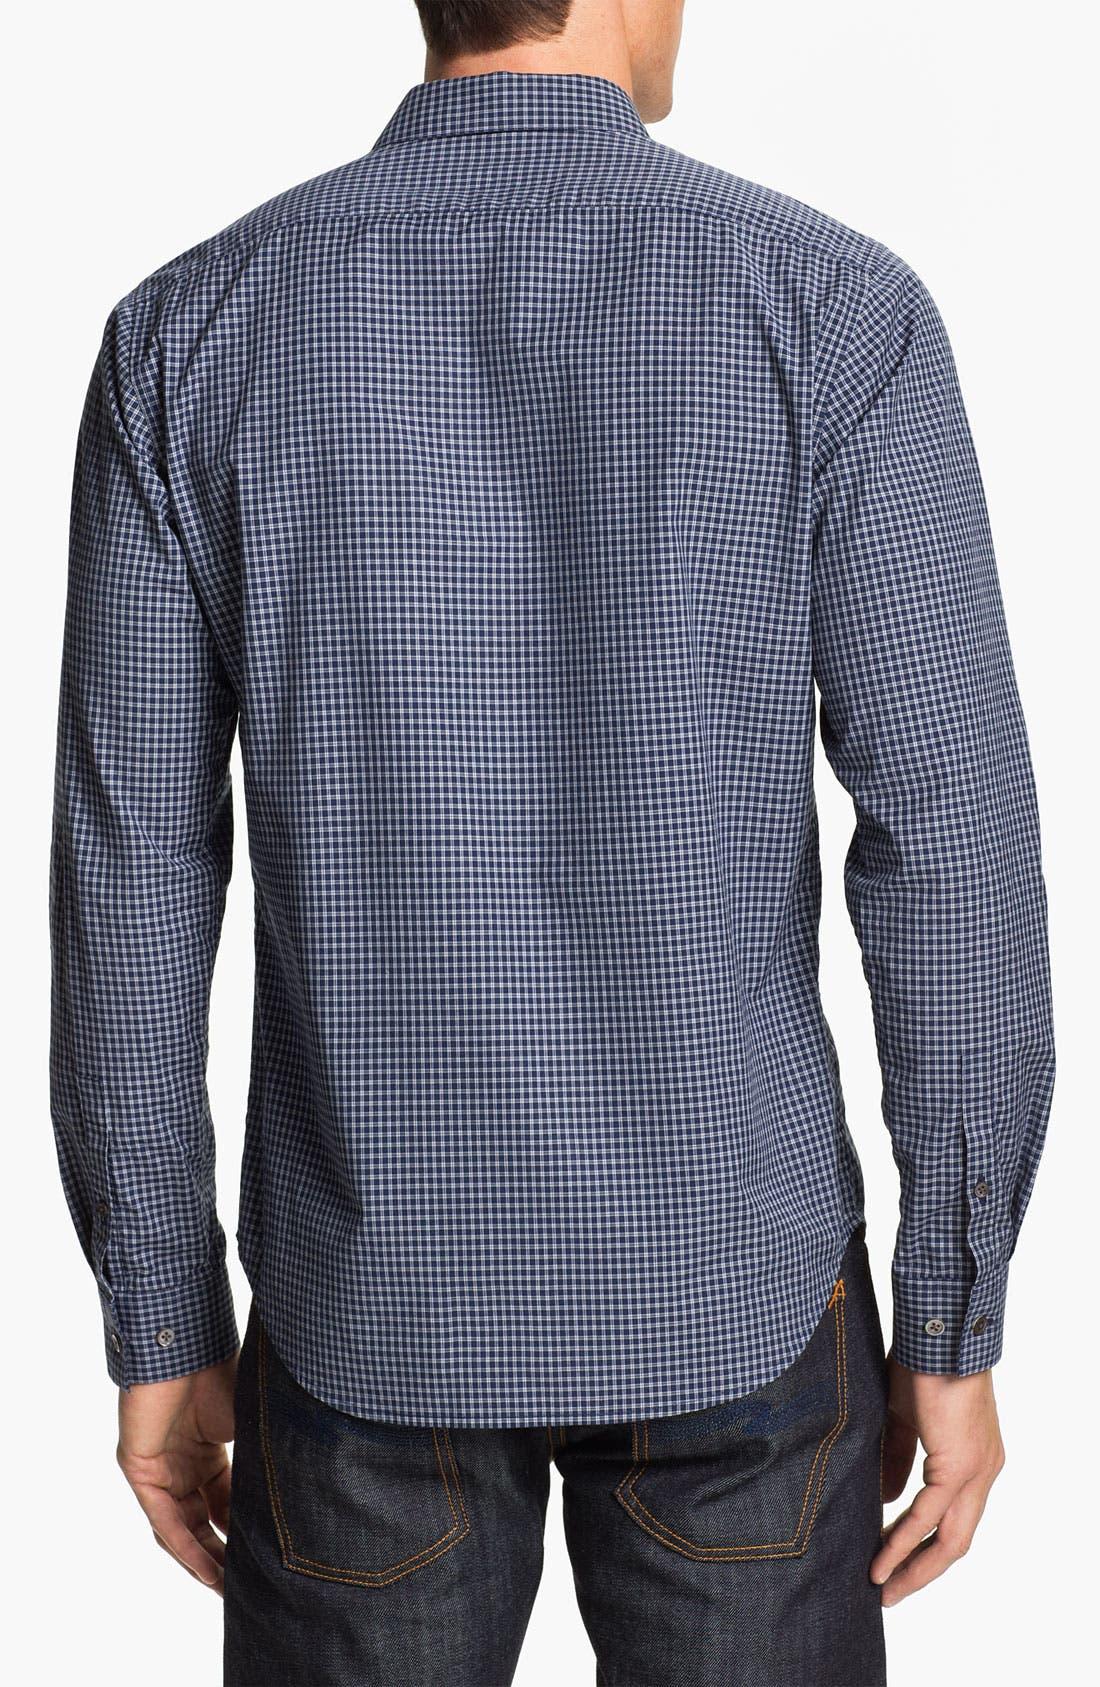 Alternate Image 2  - Theory 'Zack' Check Shirt